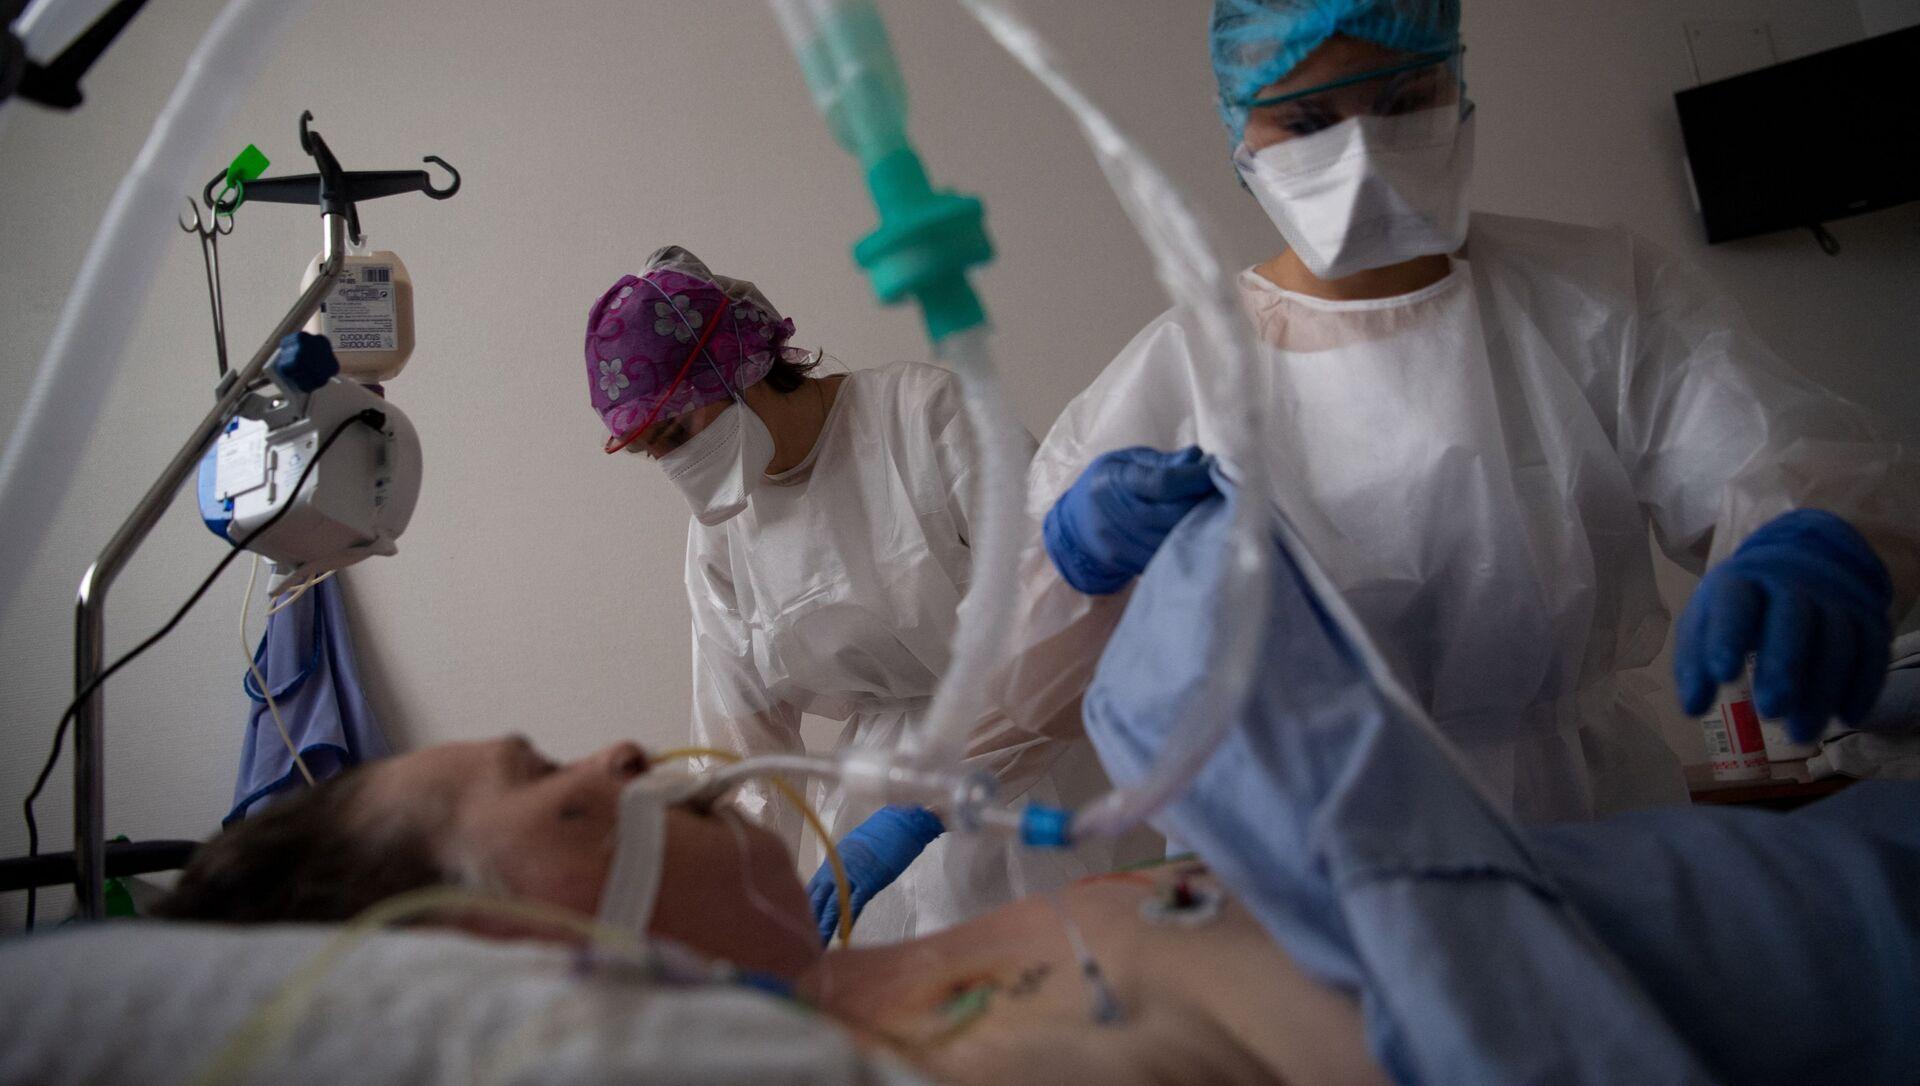 Un patient atteint de Covid-19 en France, le 20 avril 2021 - Sputnik France, 1920, 30.07.2021